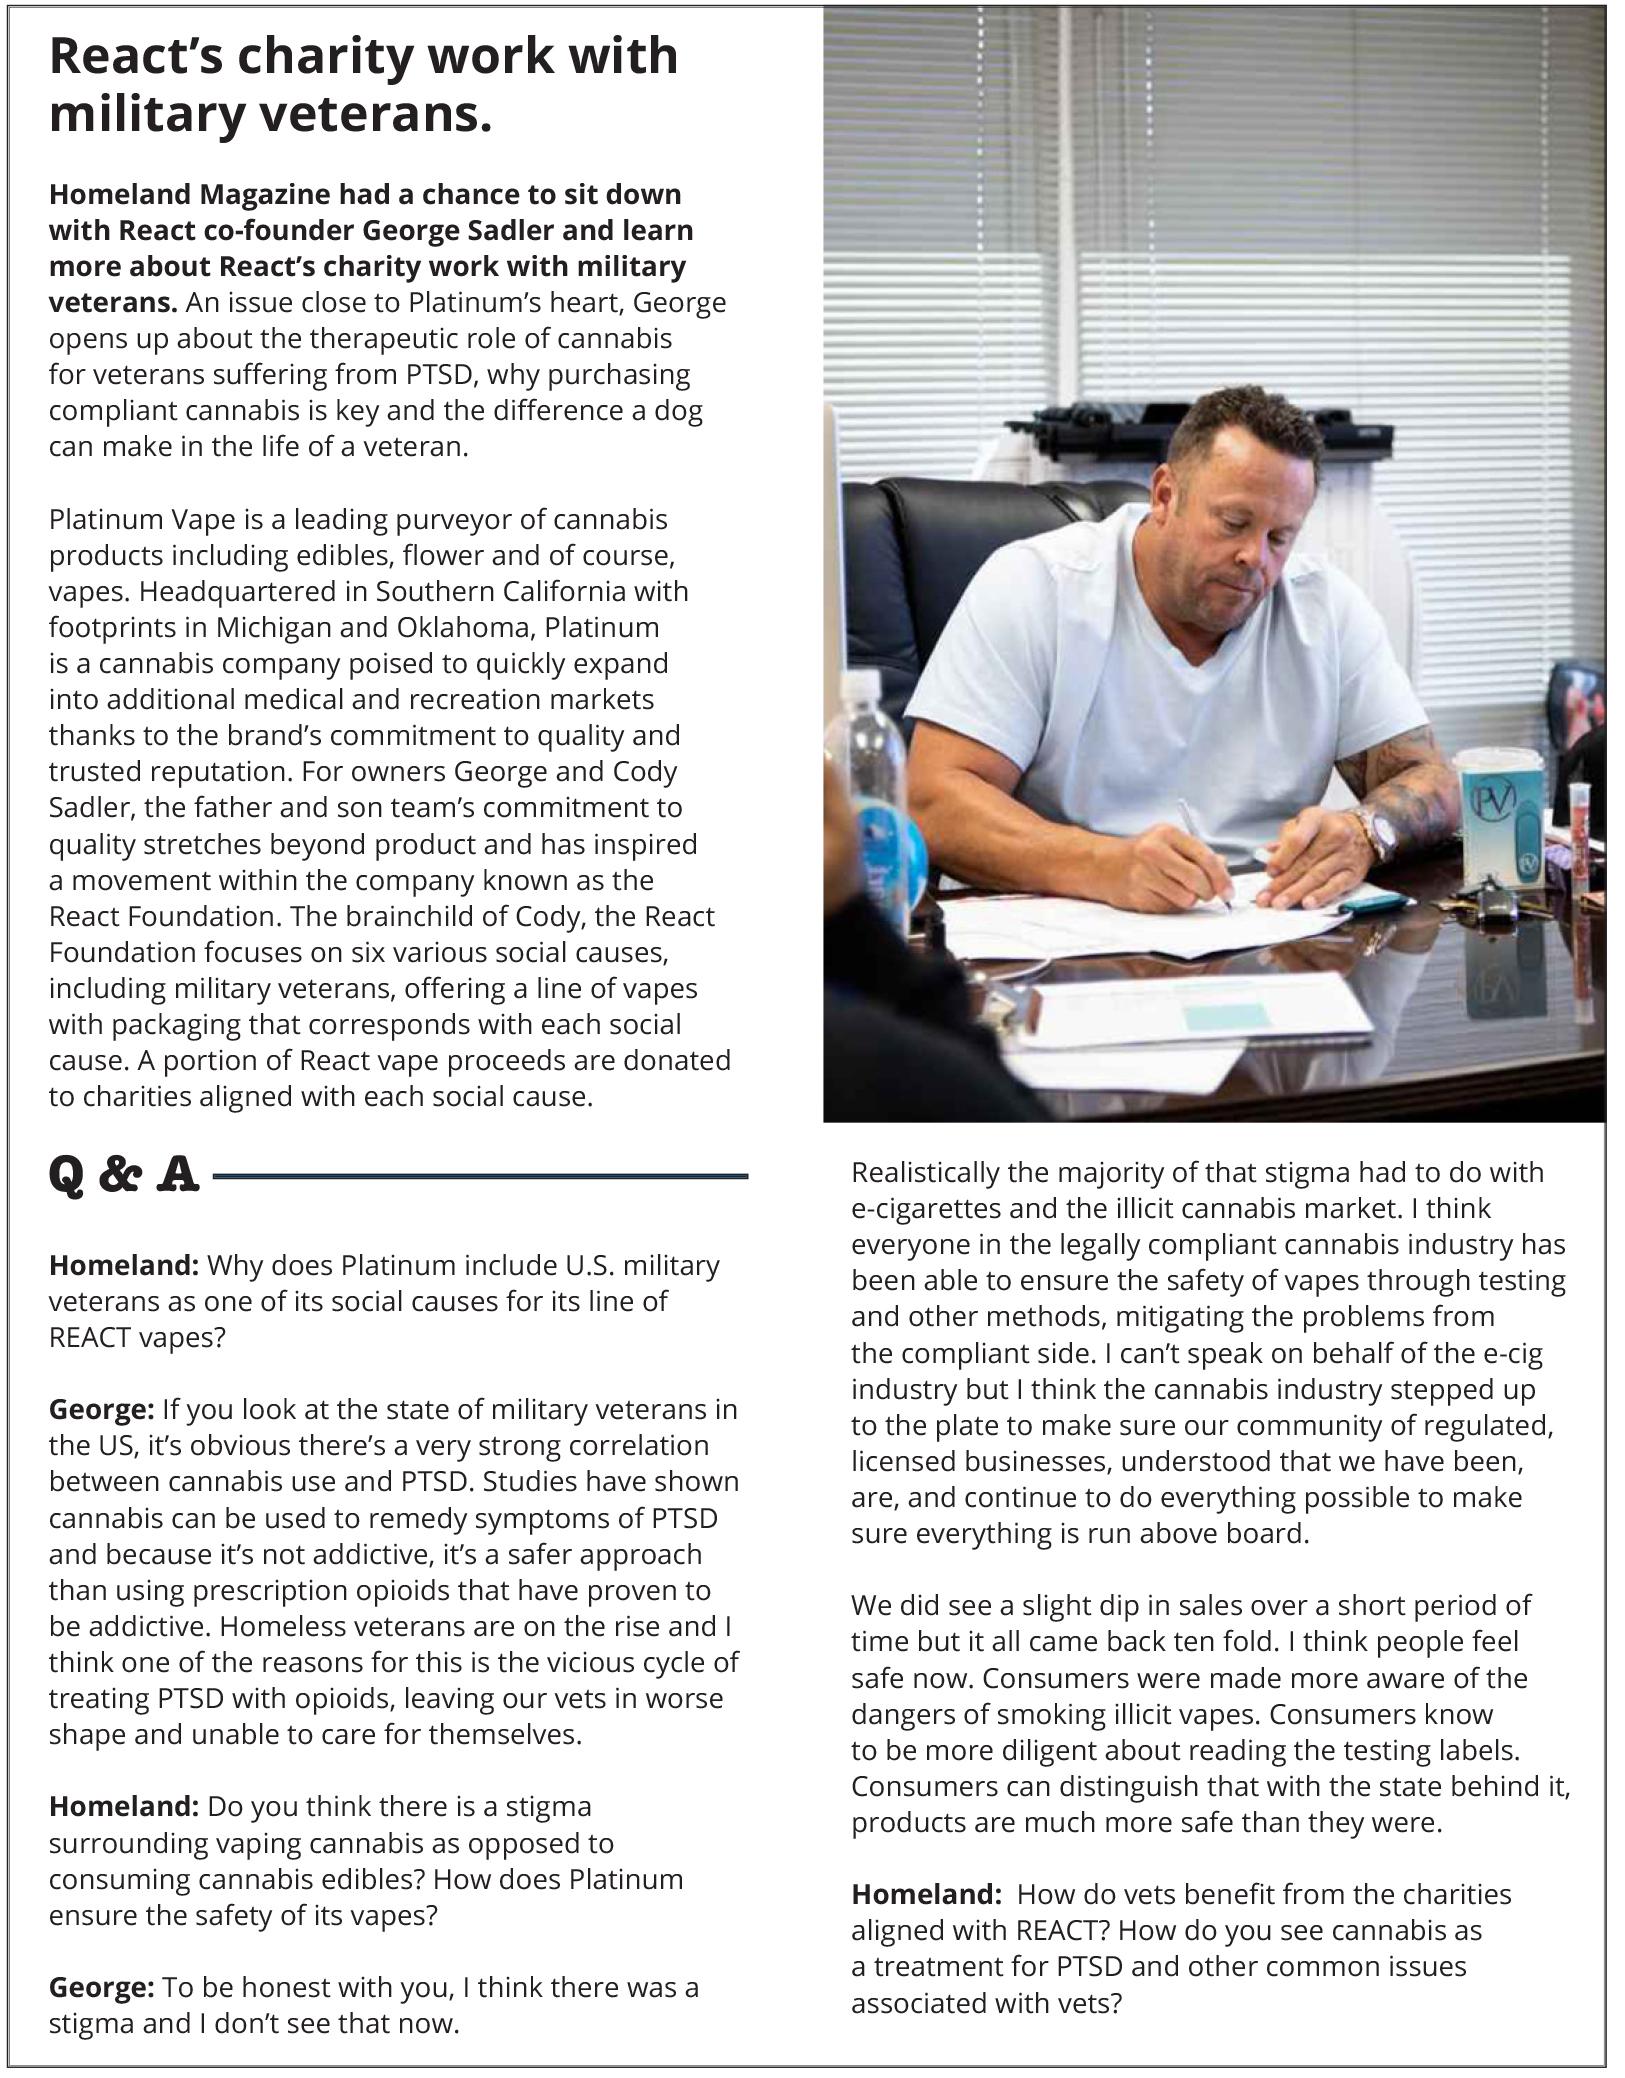 https://homelandmagazine.com/wp-content/uploads/2020/08/React-Homeland-Magazine-Aug-Sept-2020.jpg